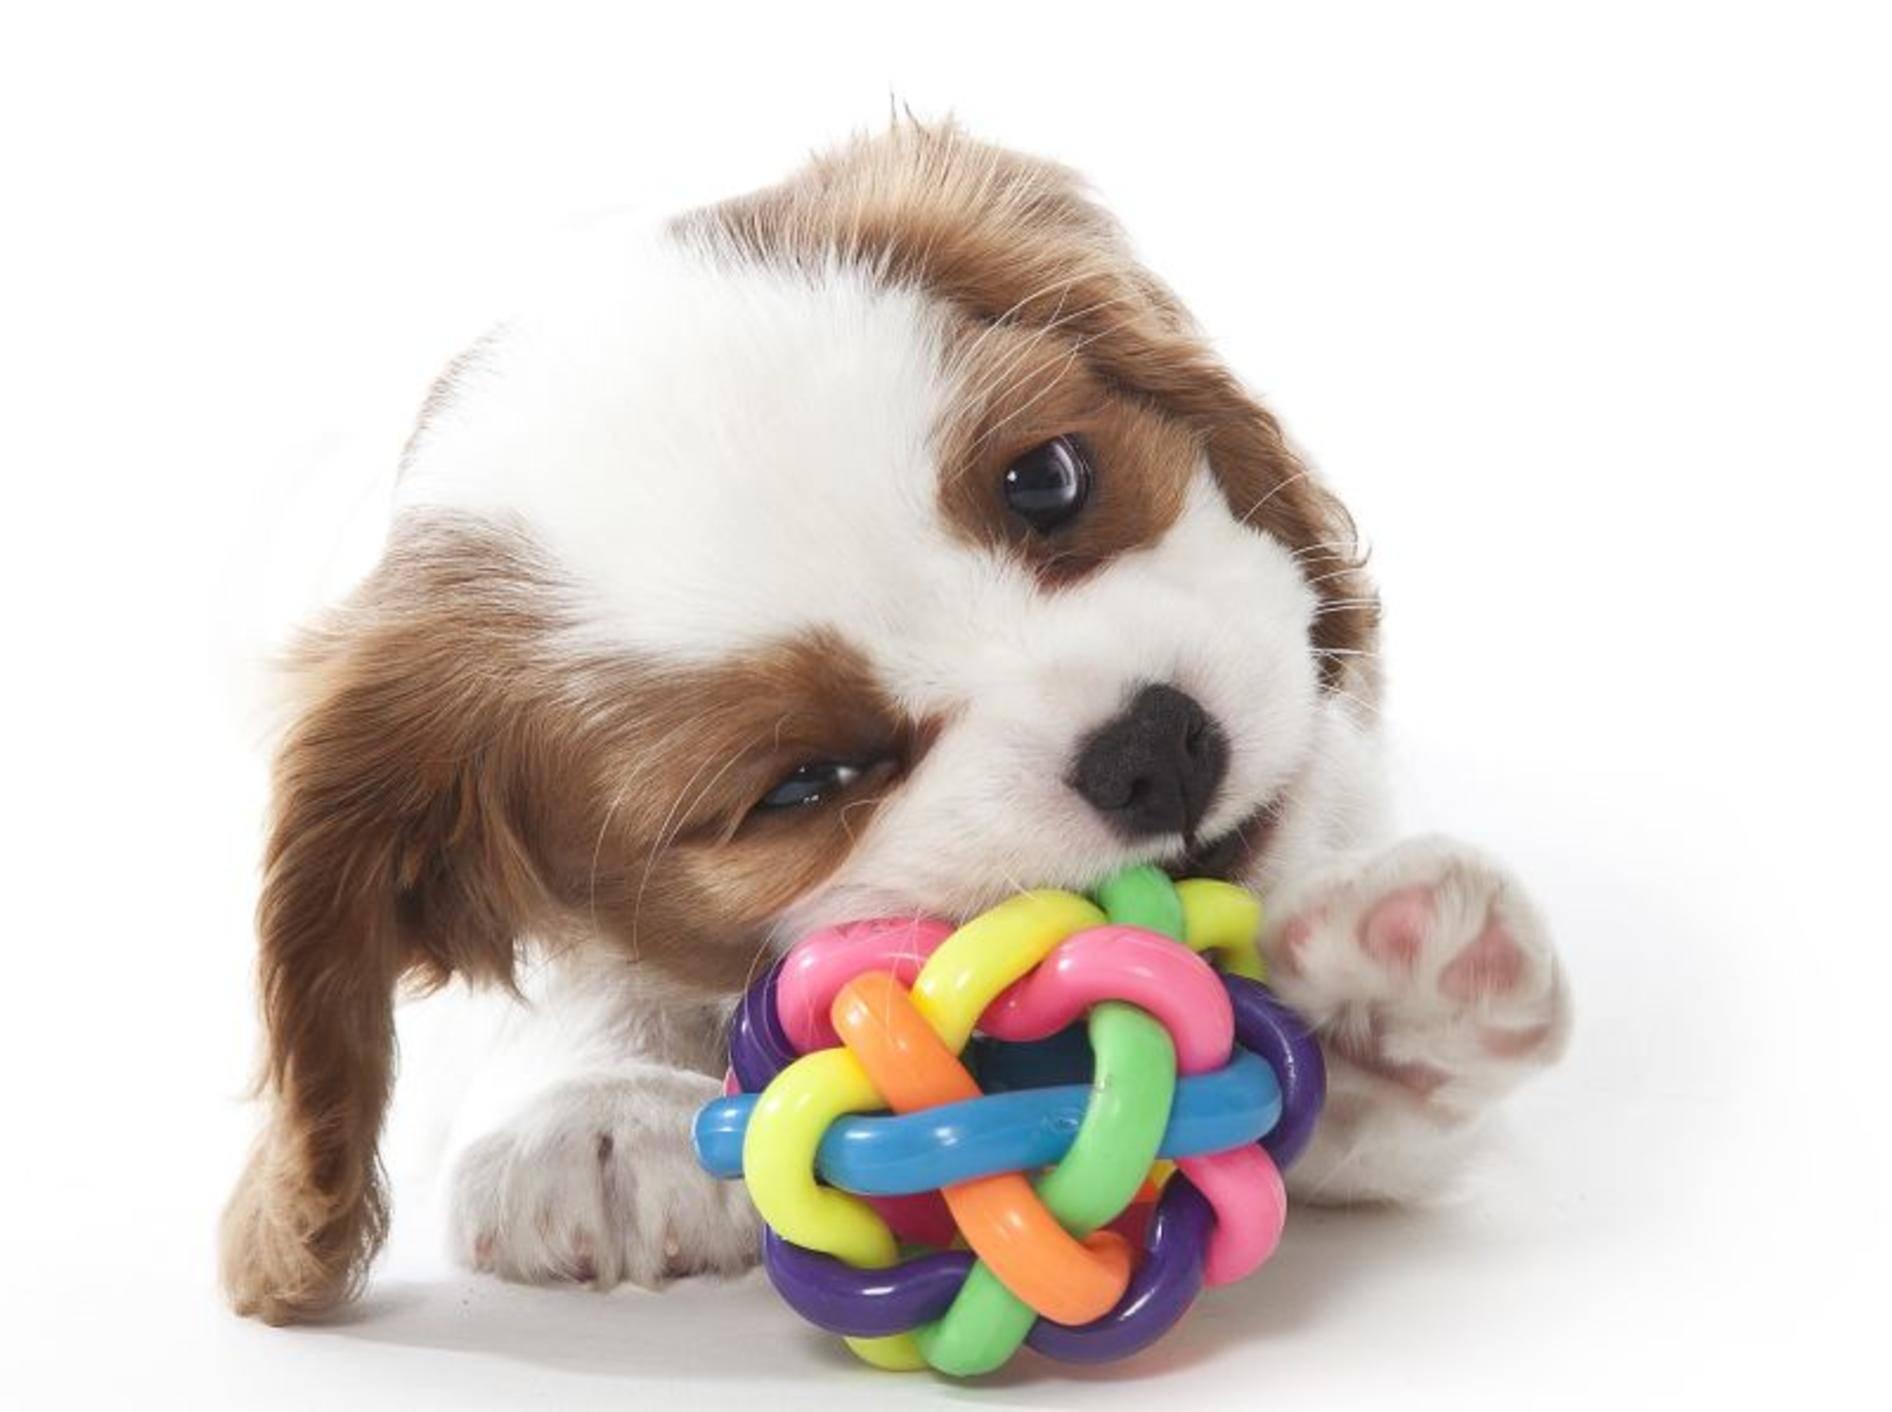 Quietschendes Hundespielzeug macht Spaß! – Bild: Shutterstock / Maja H.